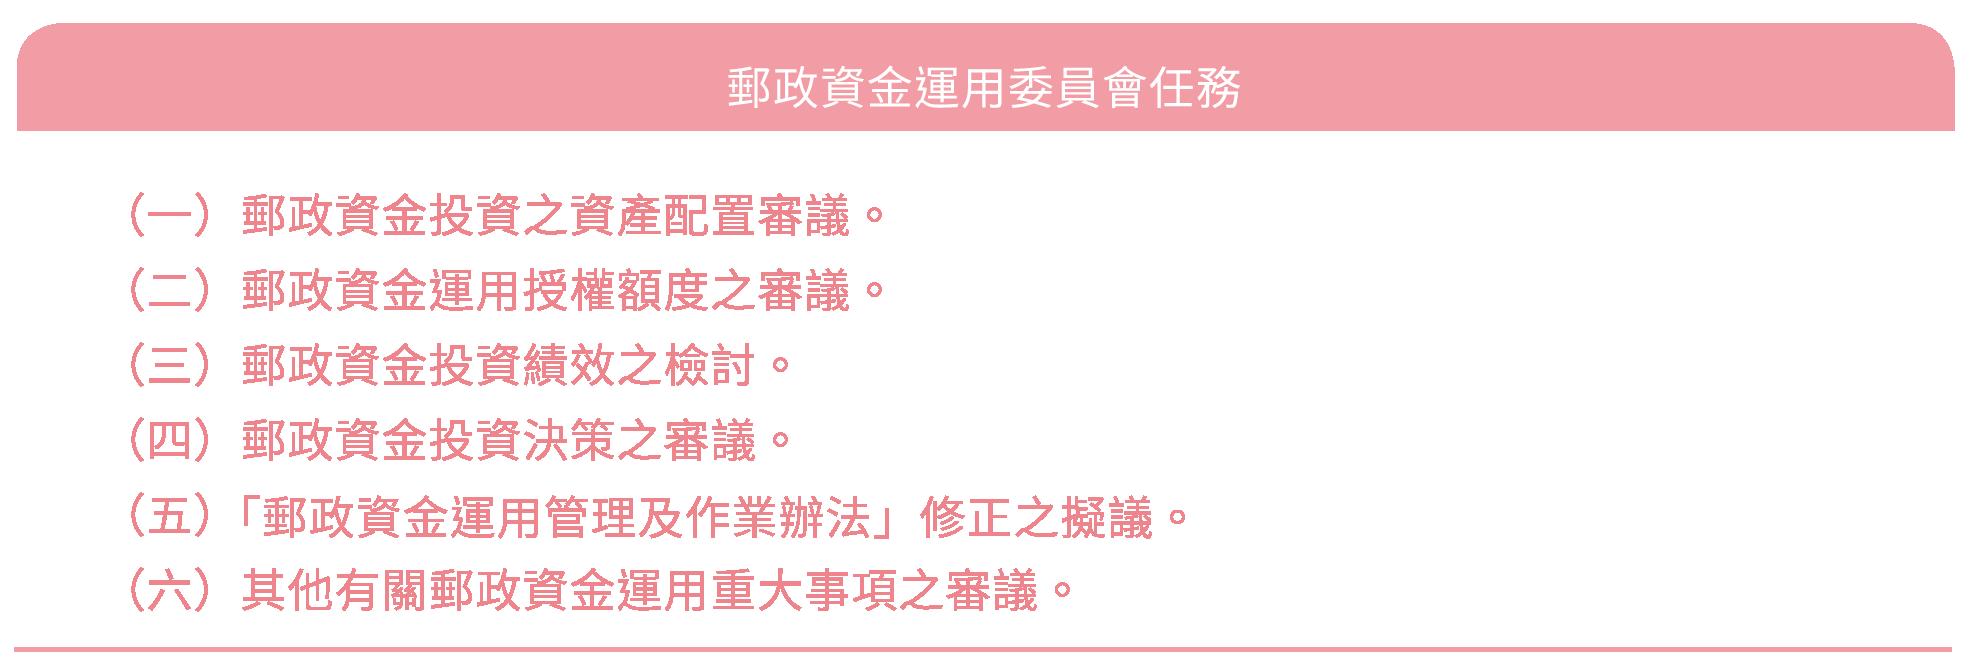 郵政資金運用委員會任務